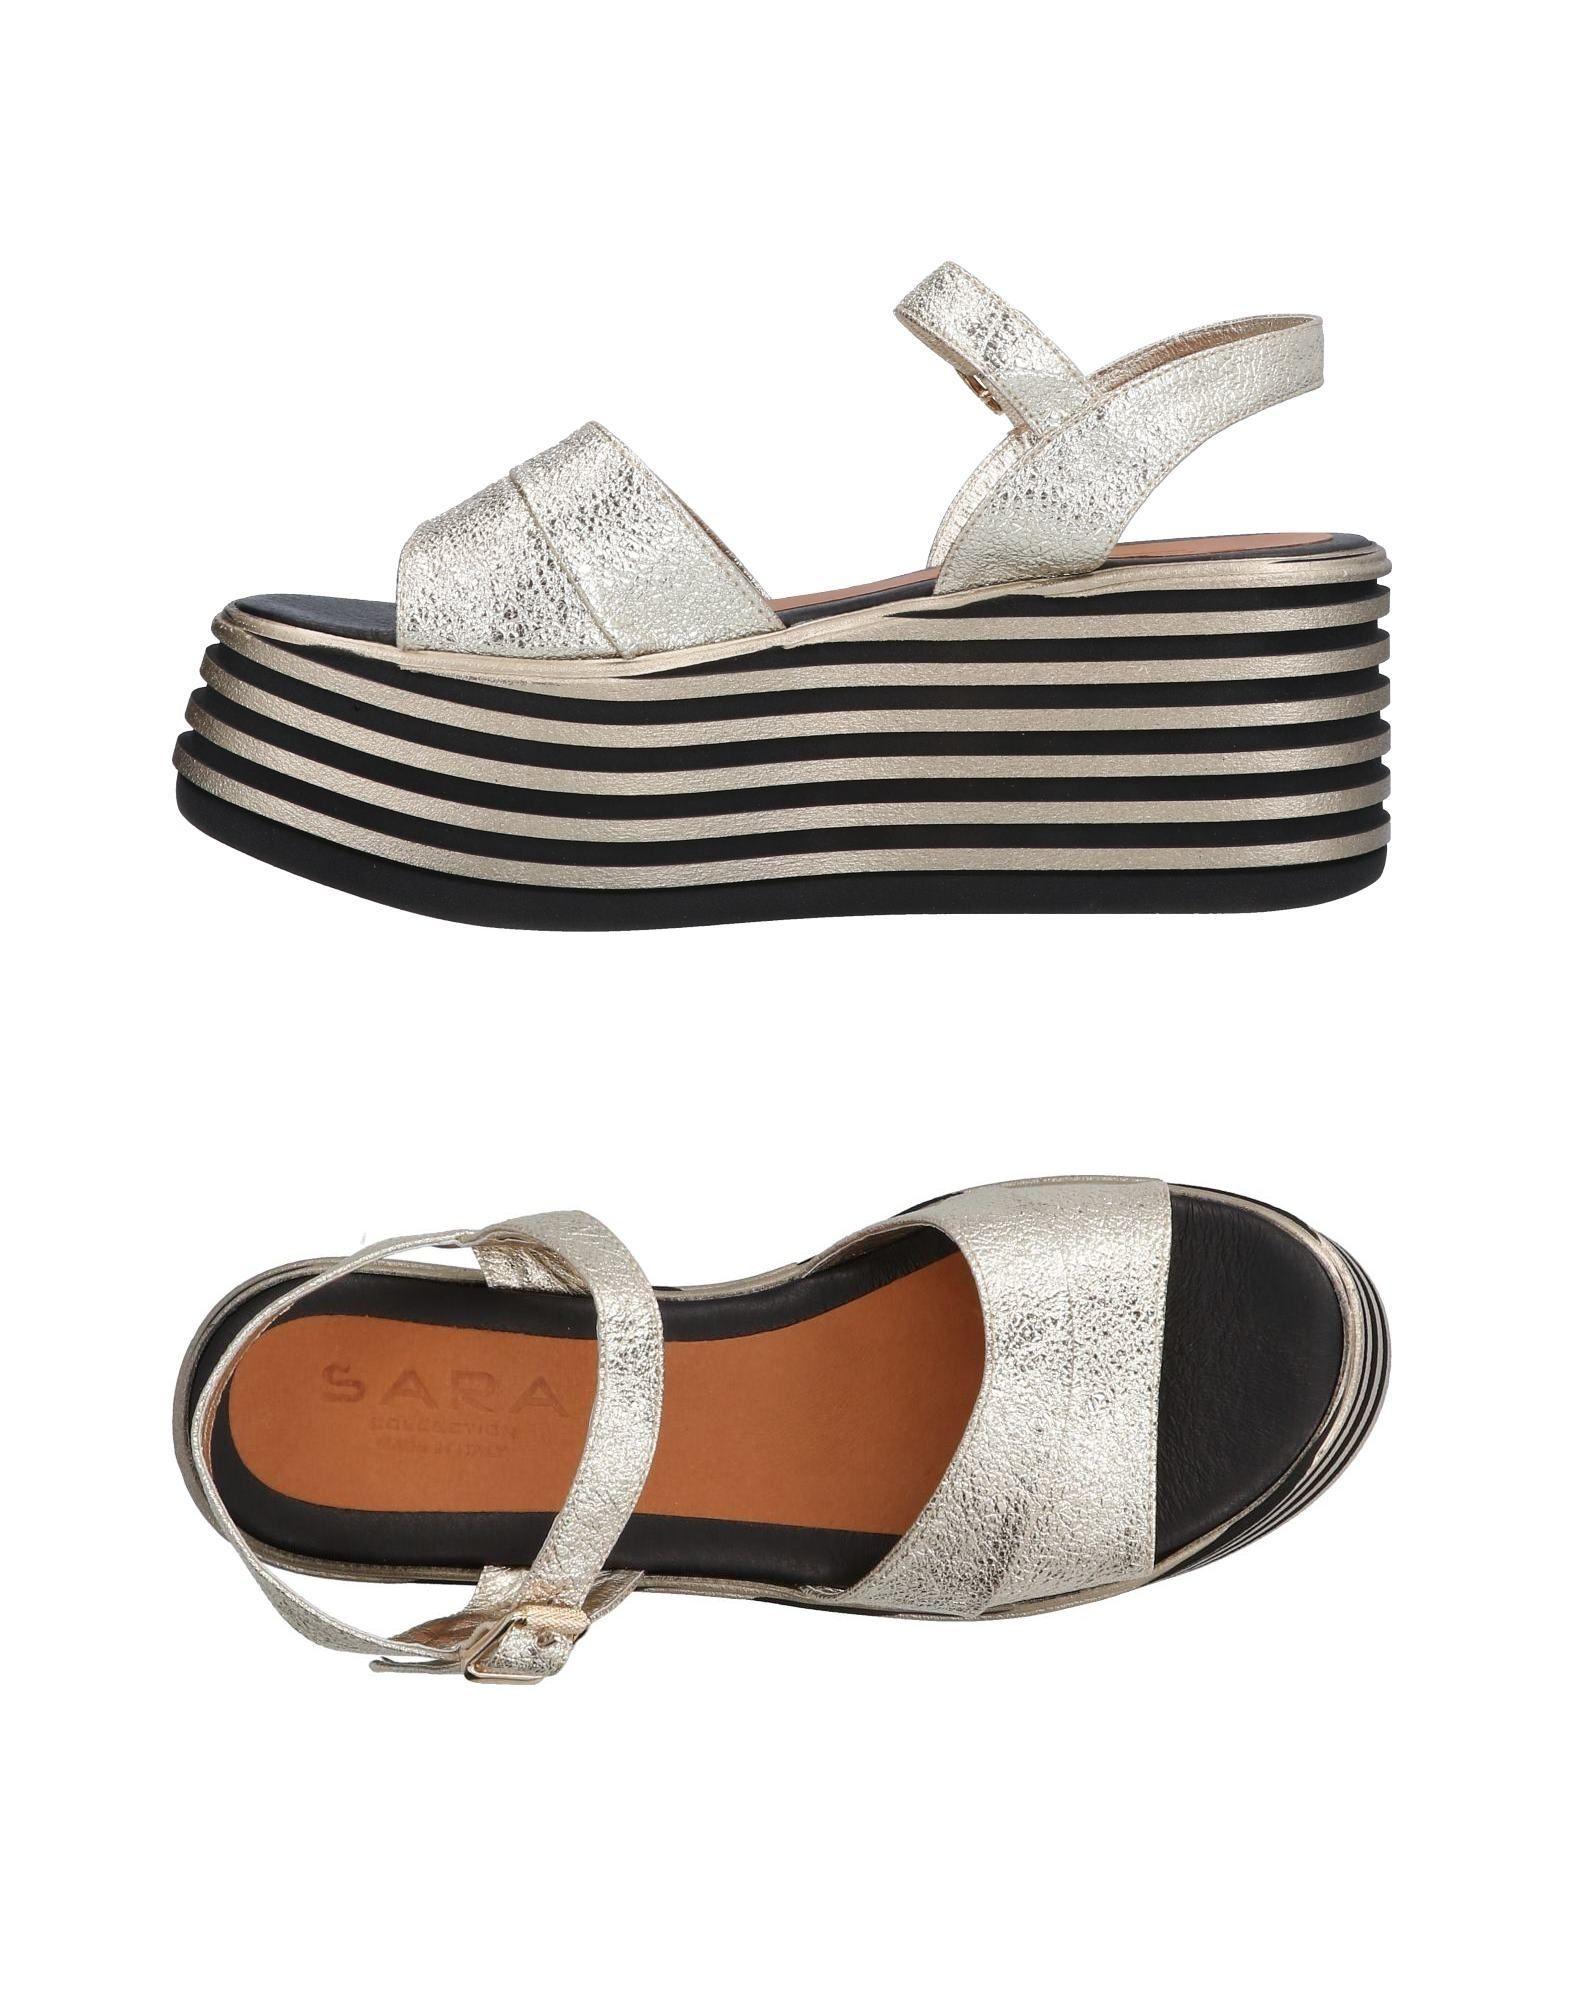 Sara® Sandalen Collection Sandalen Sara® Damen  11501798WM Neue Schuhe b608b5